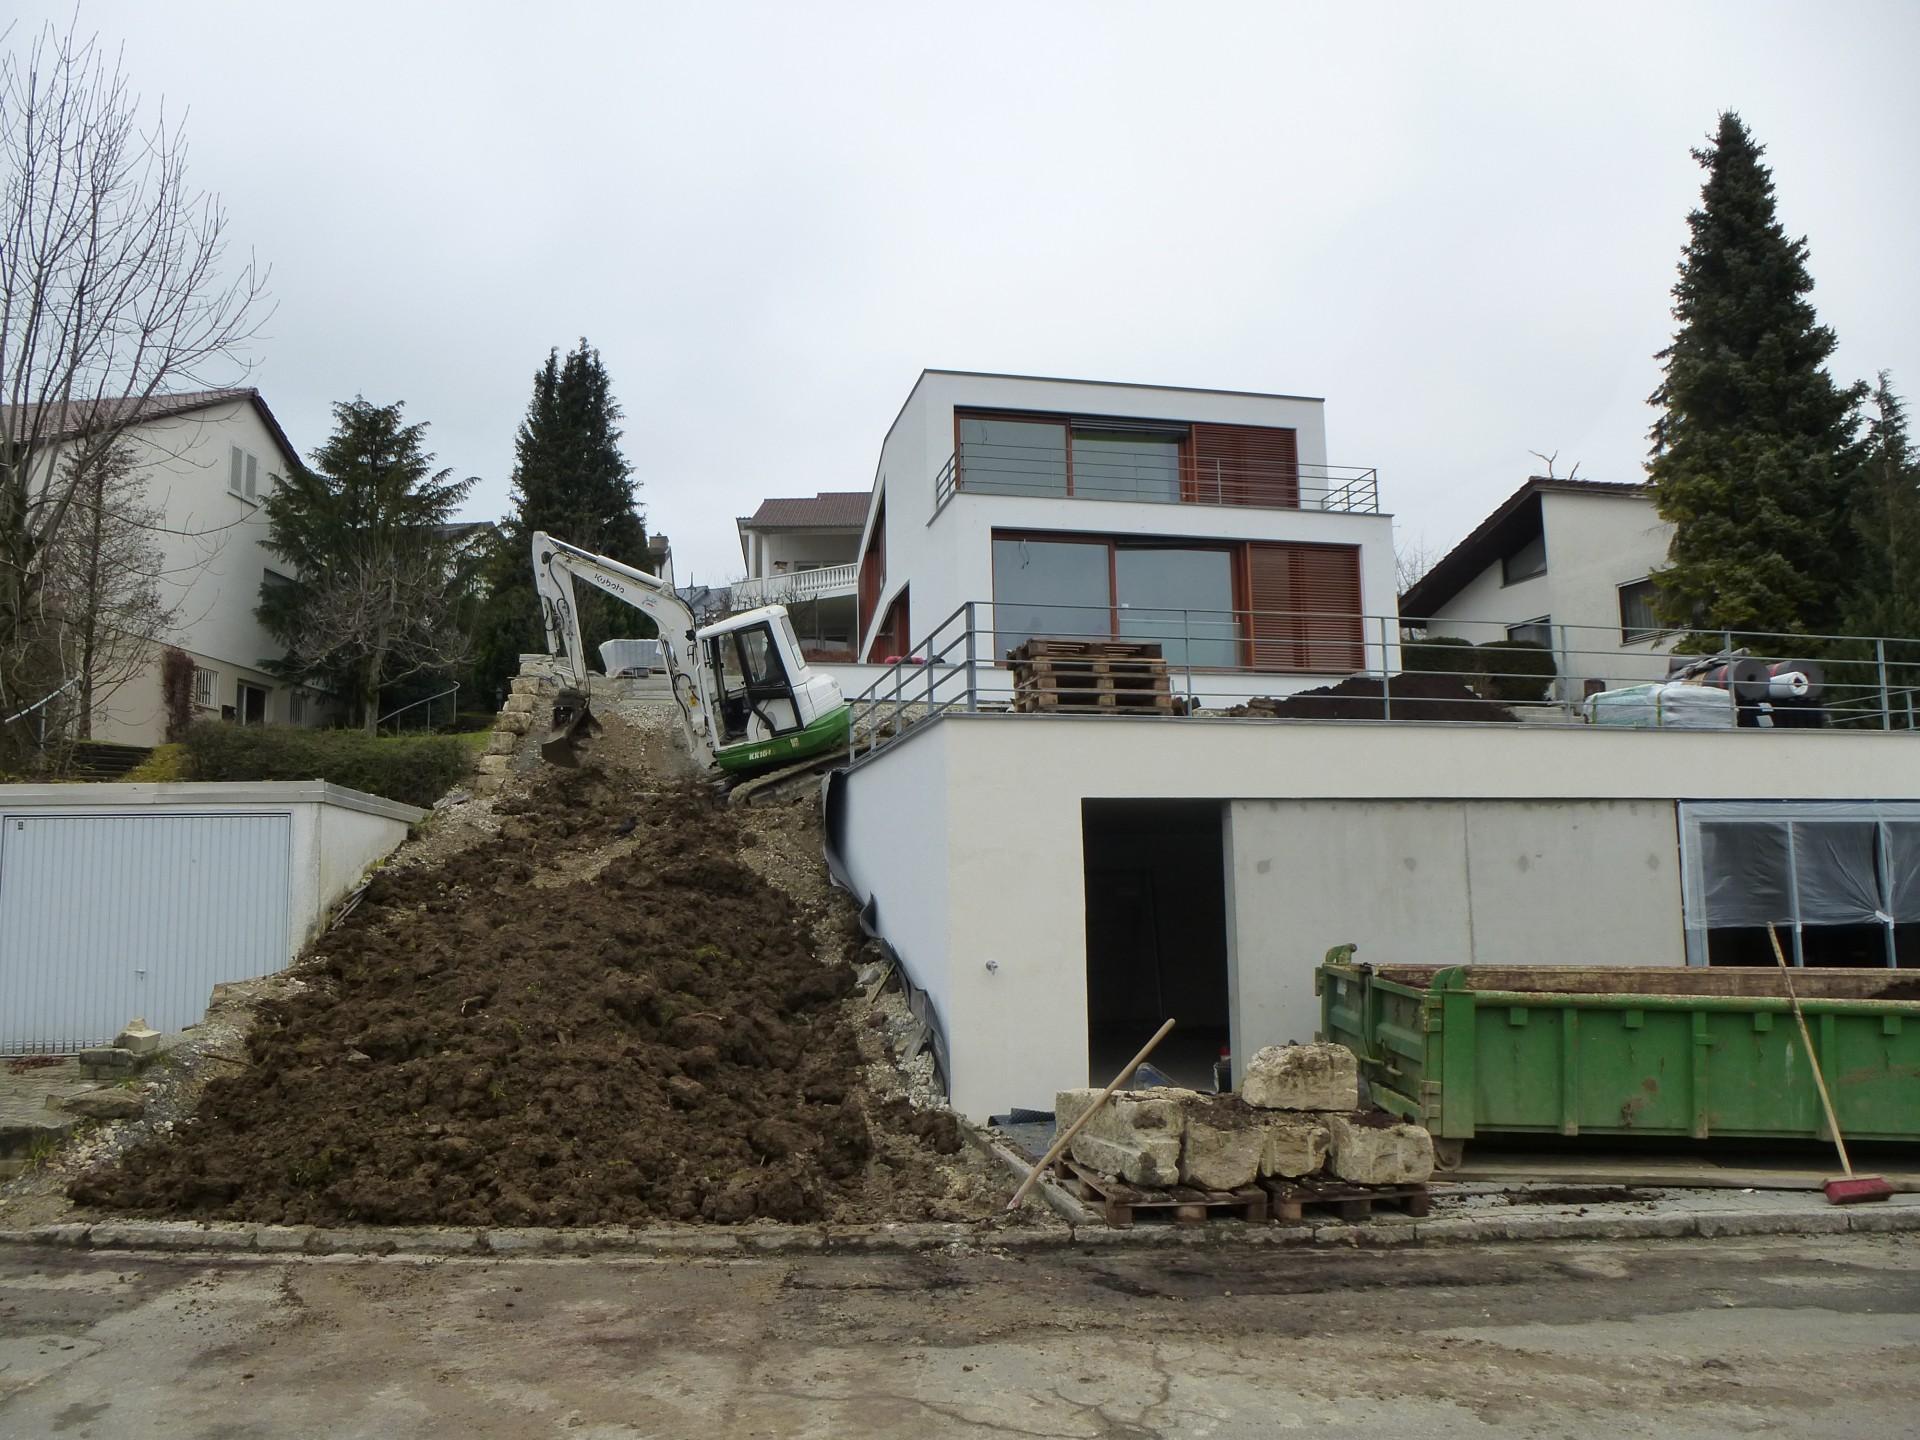 https://www.jentz-bau.de/media/pages/projekte/wohnhaus-lindenstrauss/3972314451-1605622309/bildba263_17089.jpg